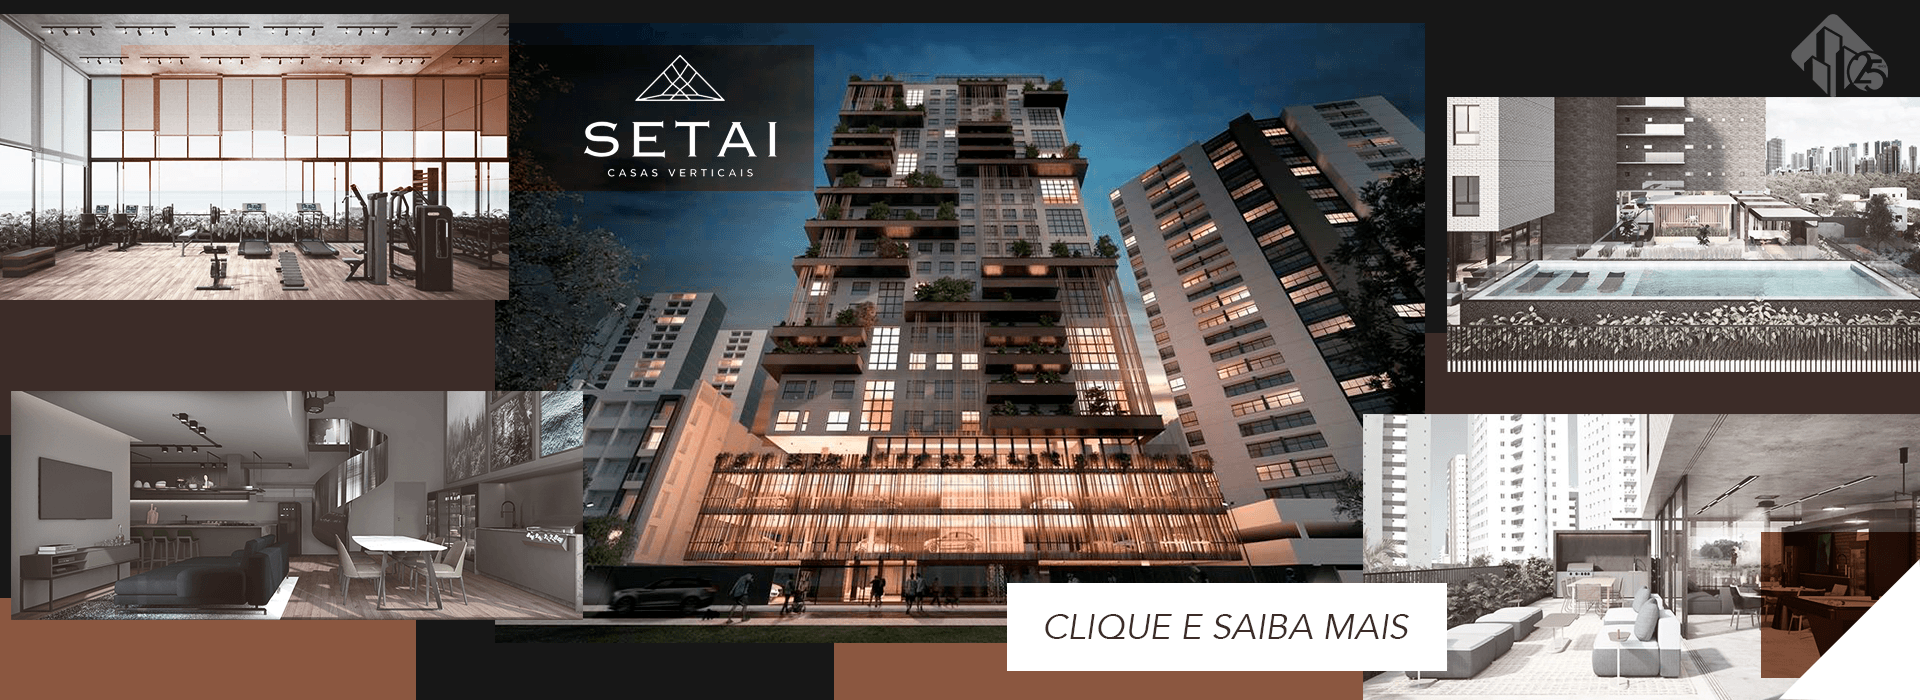 Setai | Casas Verticais